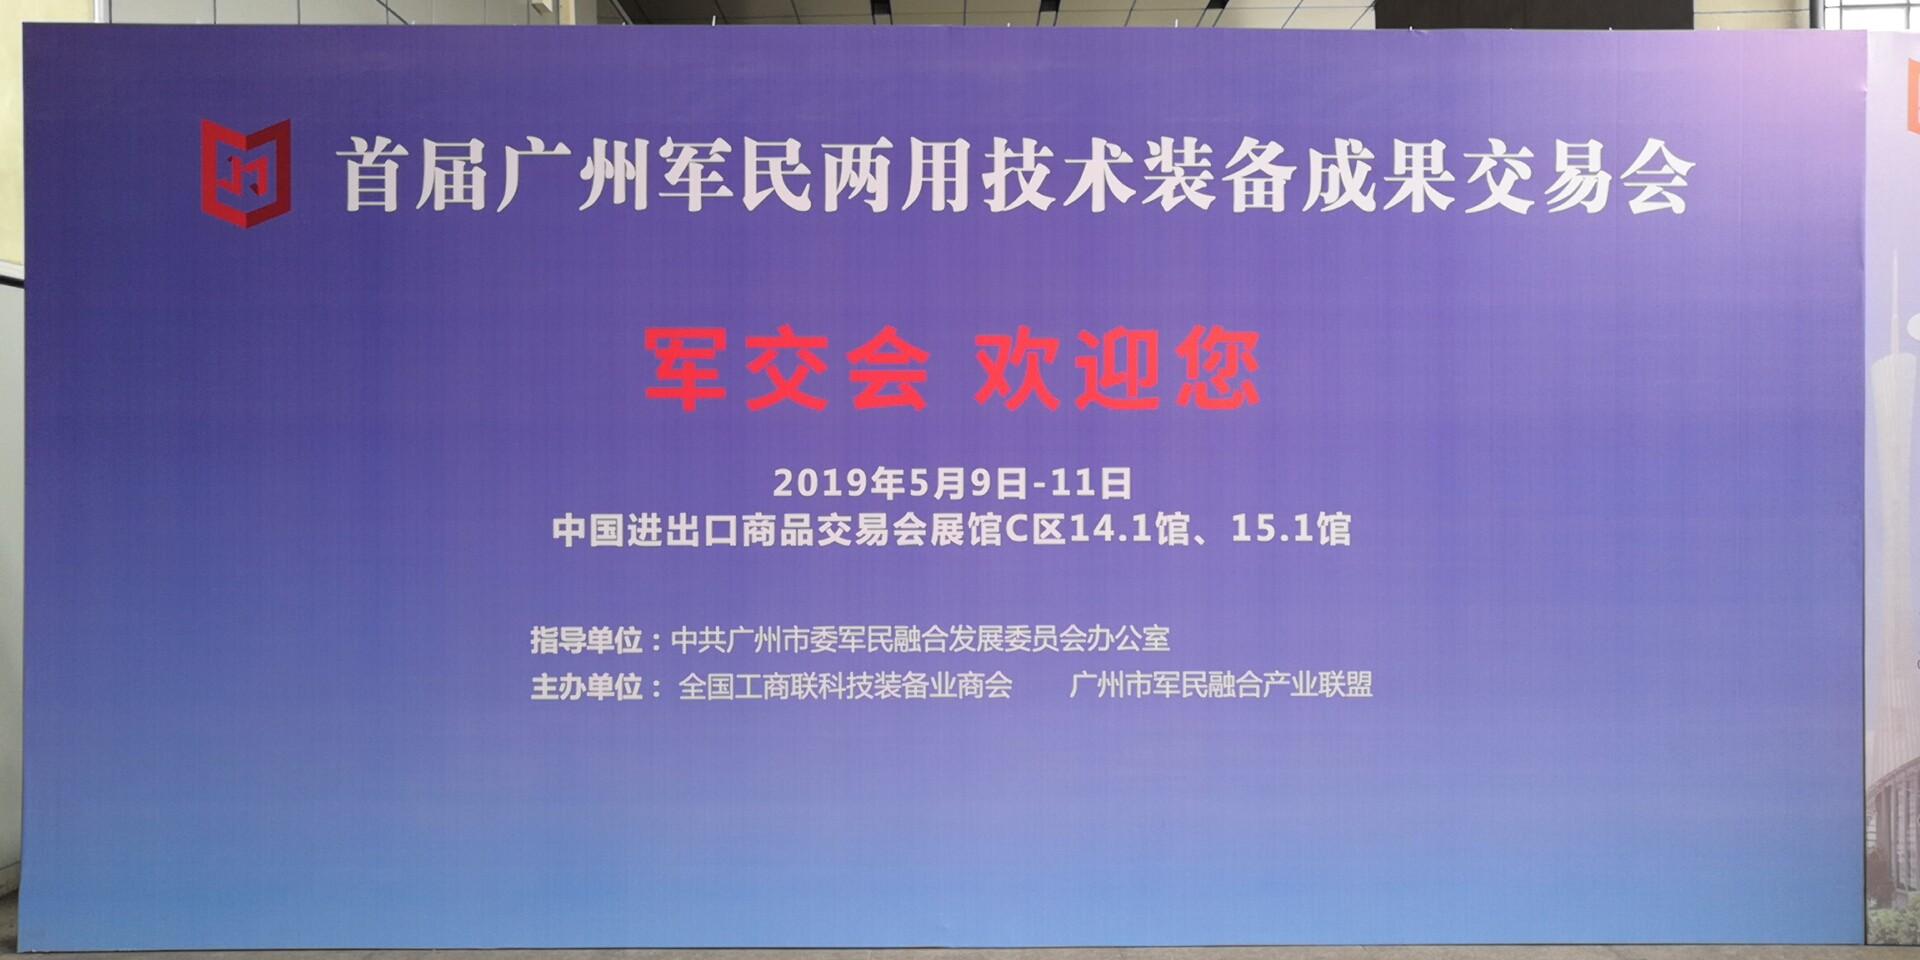 首届广州军民两用技术装备成果交易会开幕啦